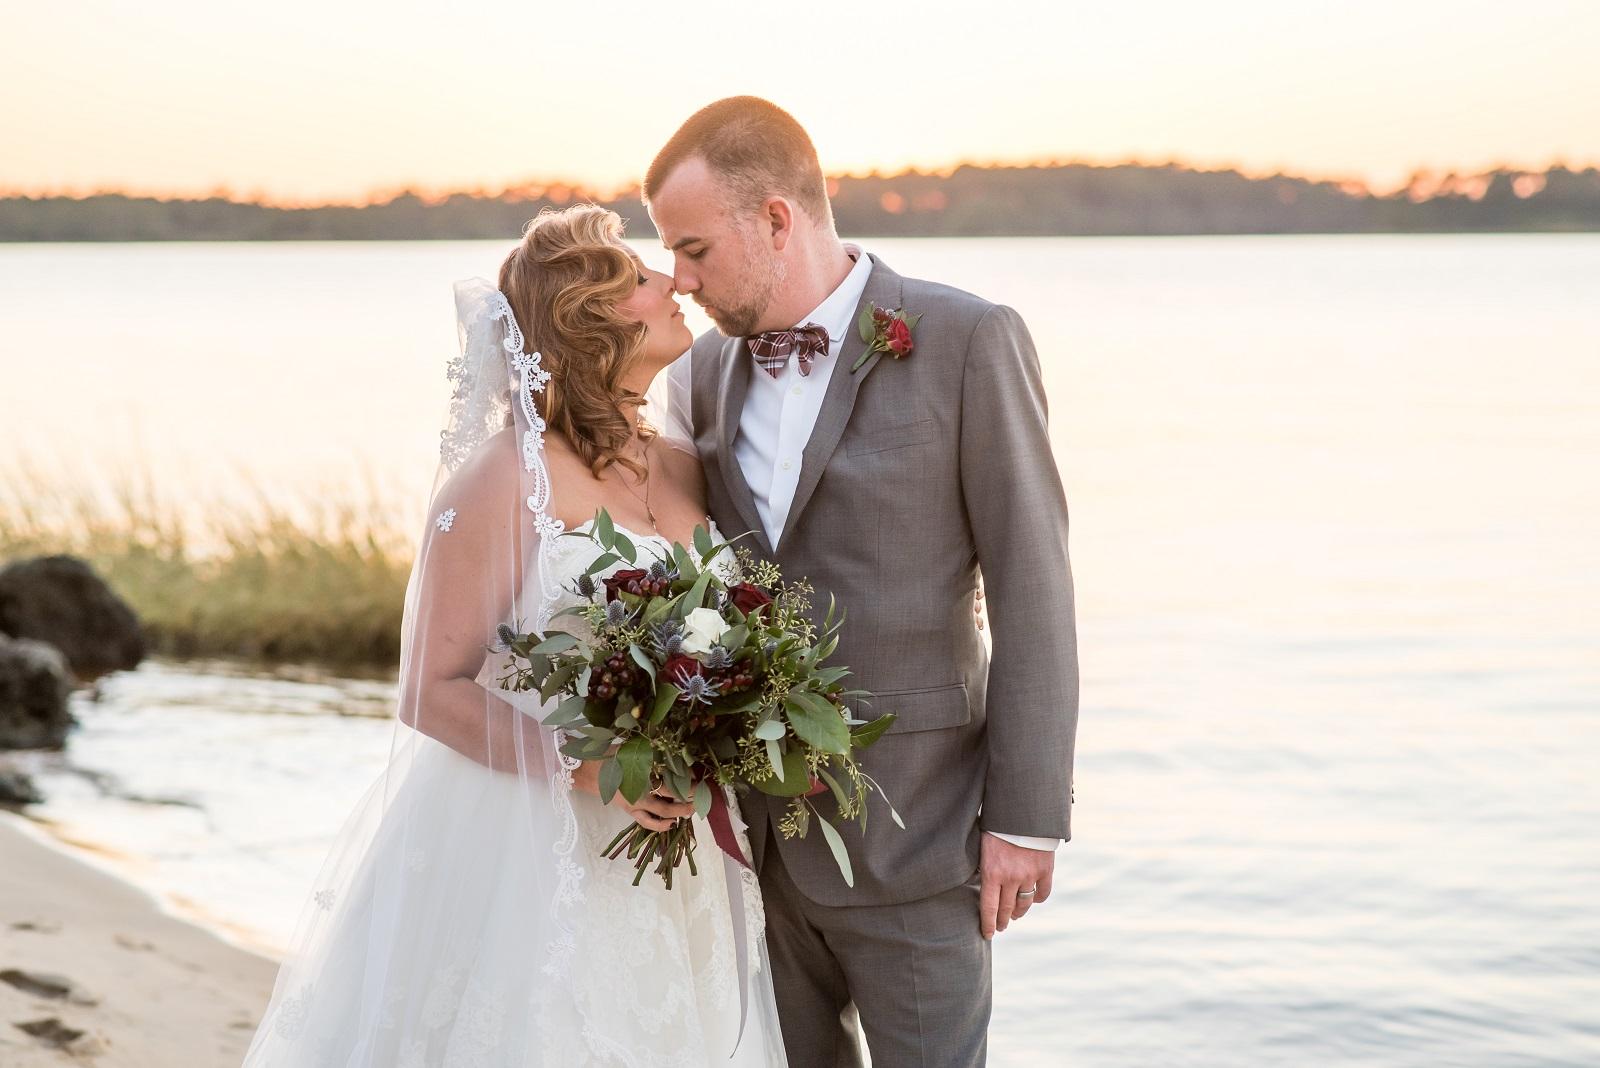 2017, 2018 wedding season is here